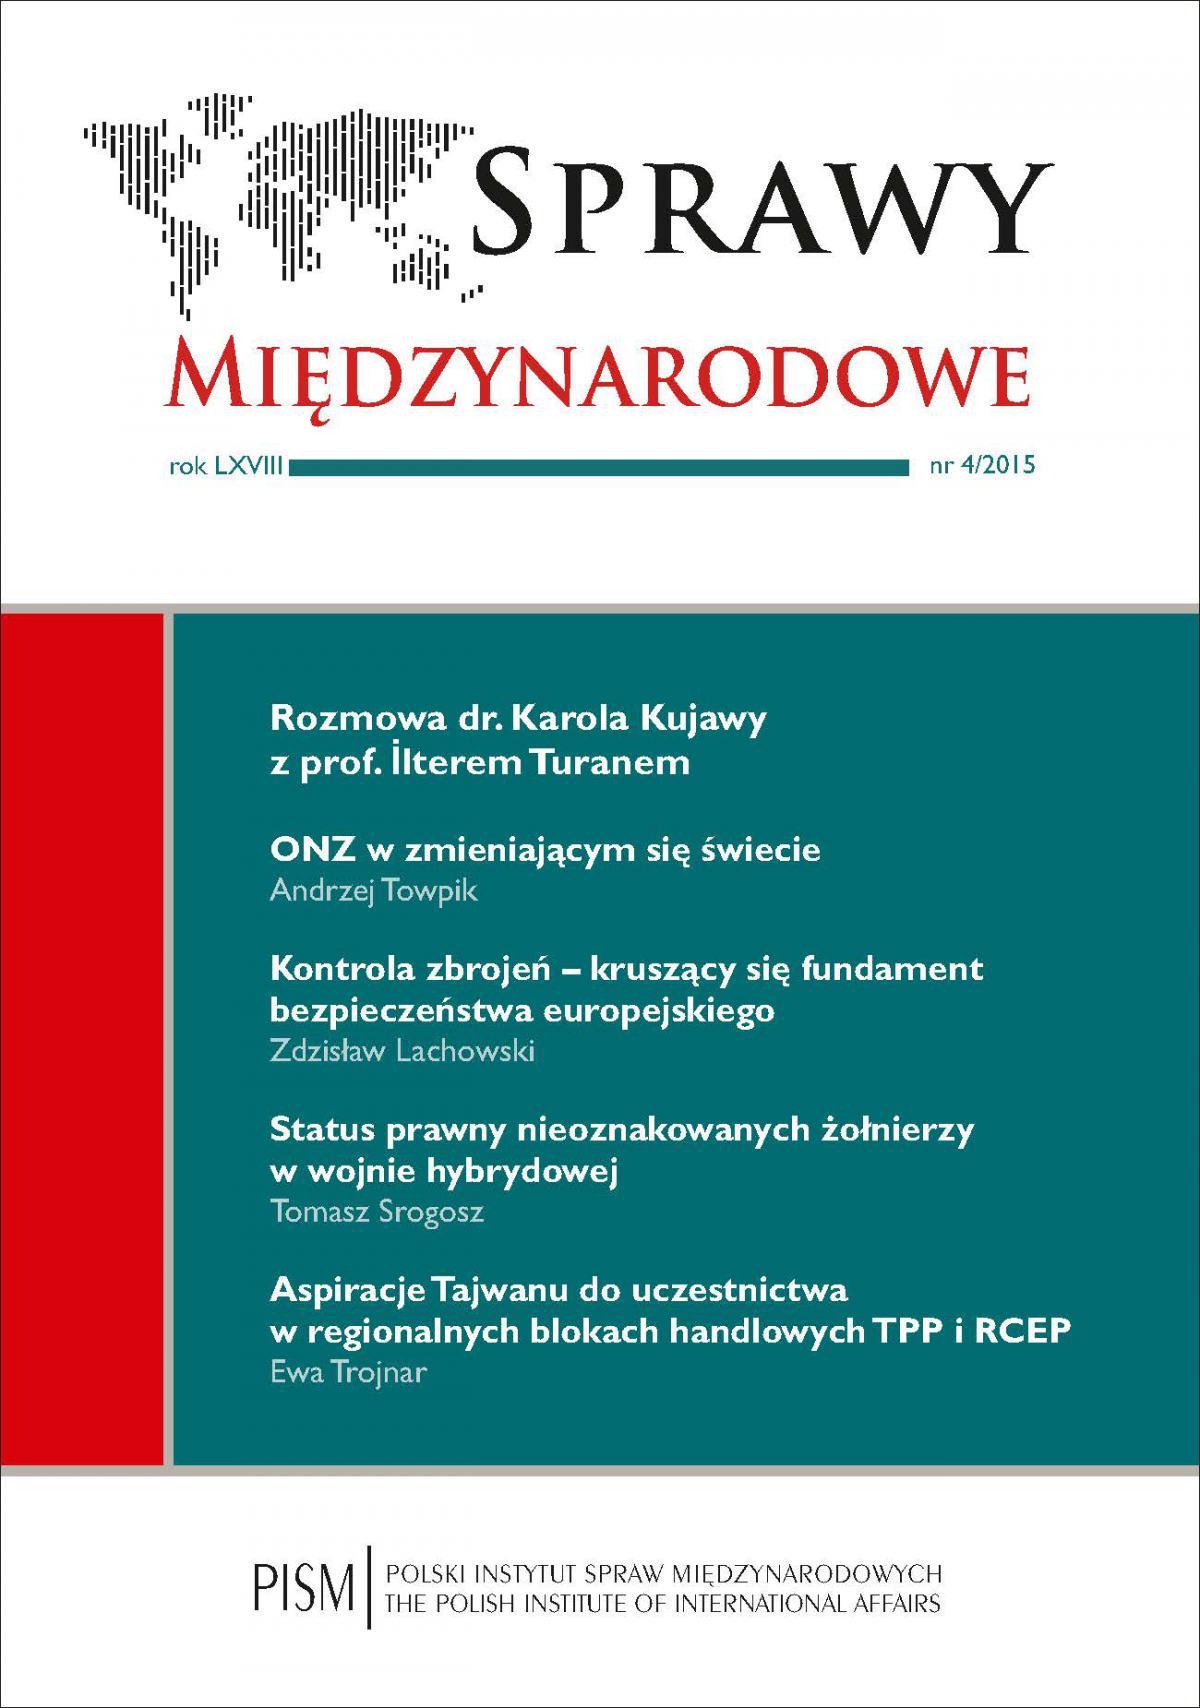 Sprawy Międzynarodowe, nr 4/2015 - Ebook (Książka PDF) do pobrania w formacie PDF